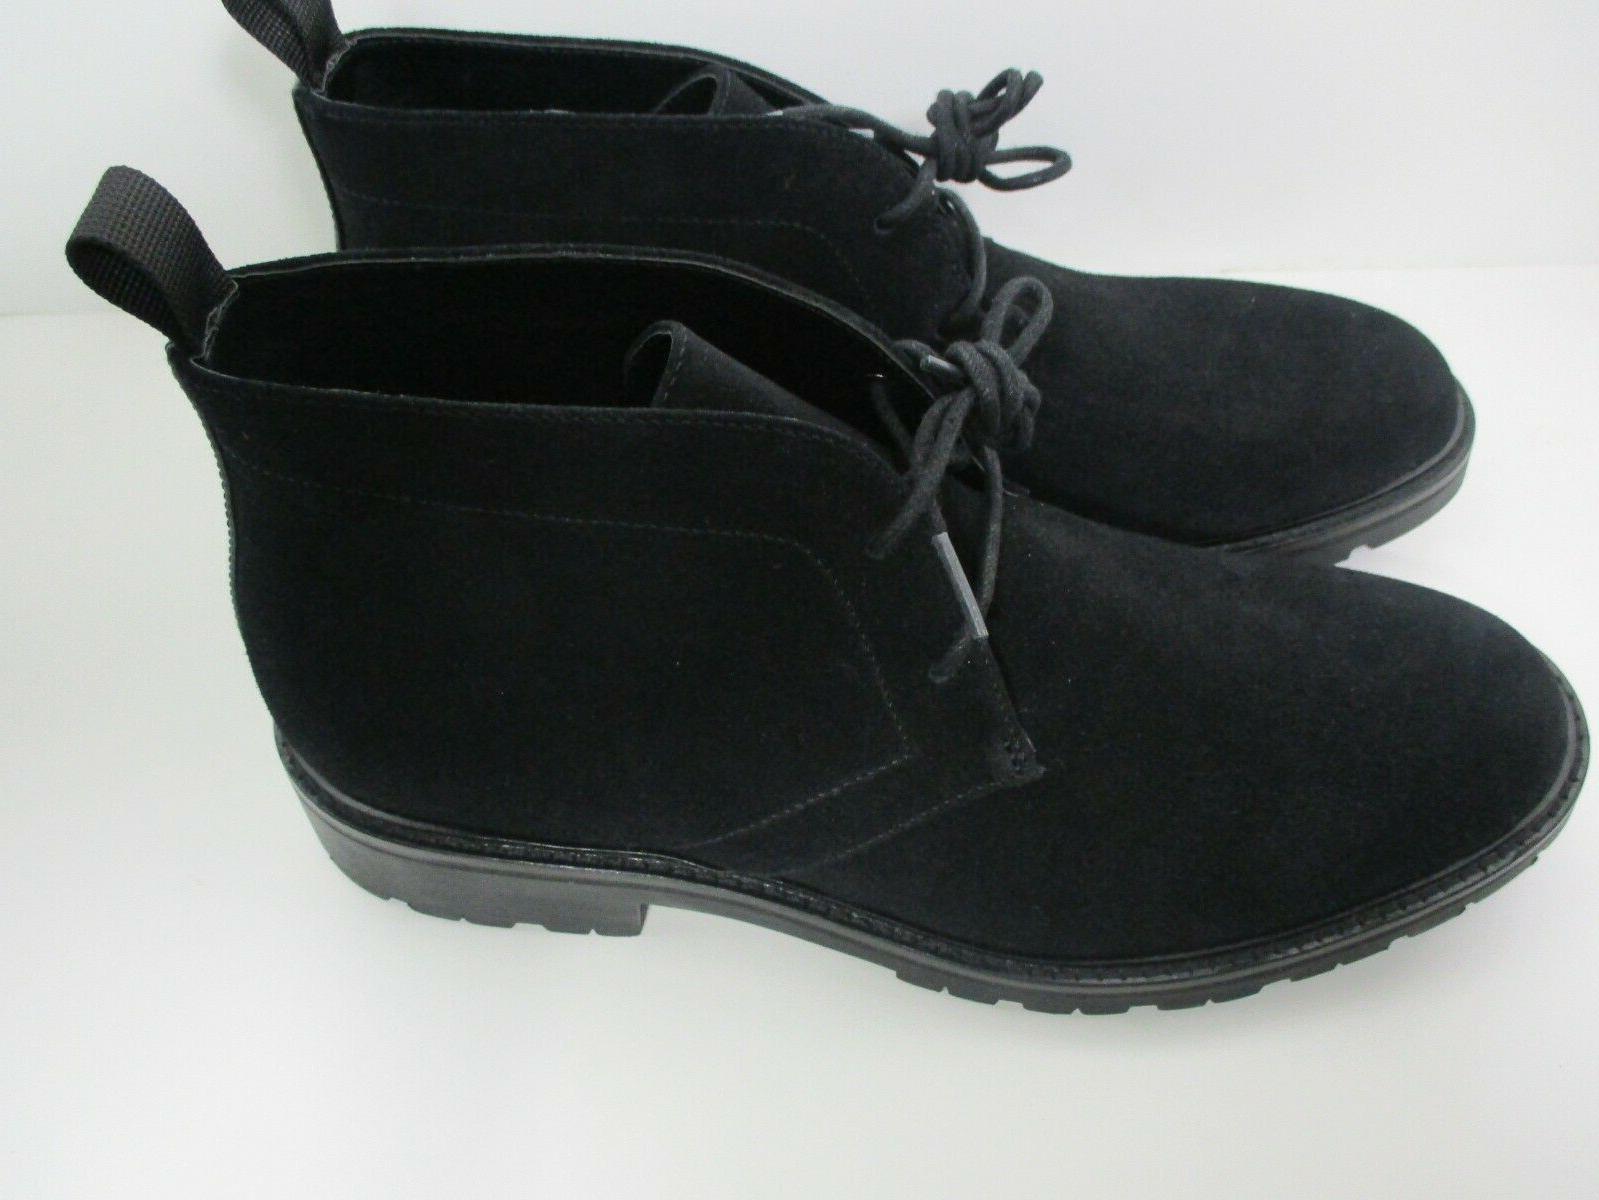 Calvin klein Men's Black Up Shoes Size 8 1/2